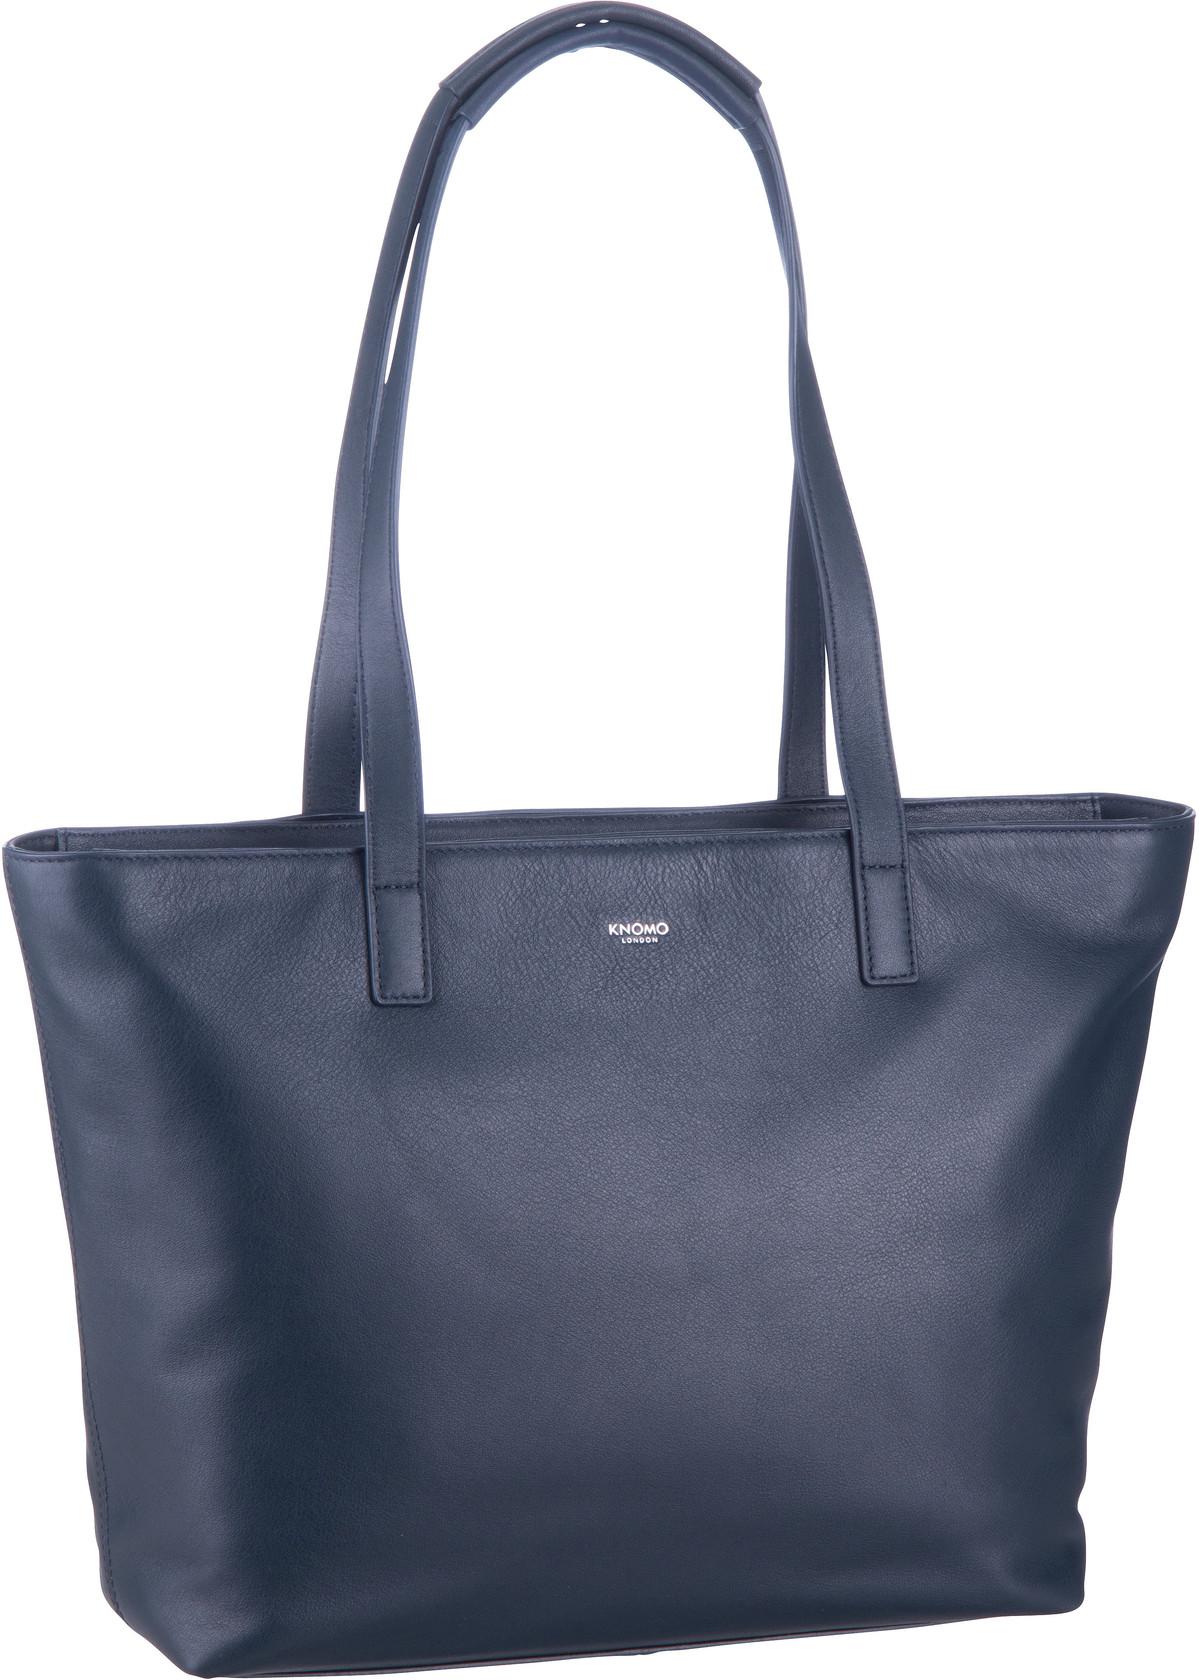 Handtasche Mayfair Luxe Mini Maddox 13'' Blazer (8.9 Liter)